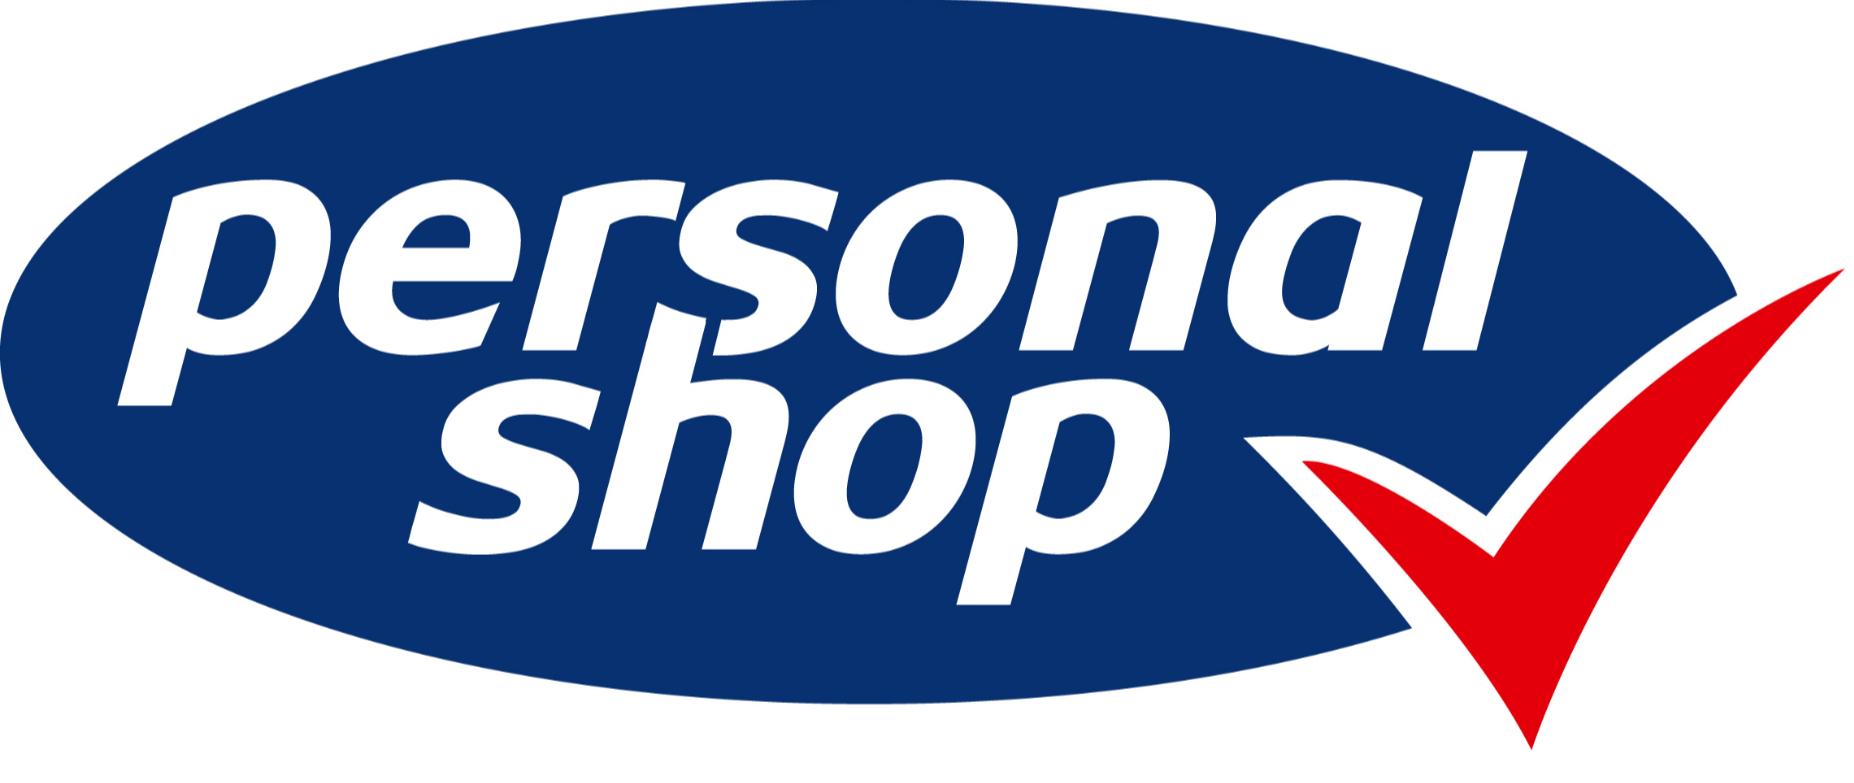 Logo Personalshop